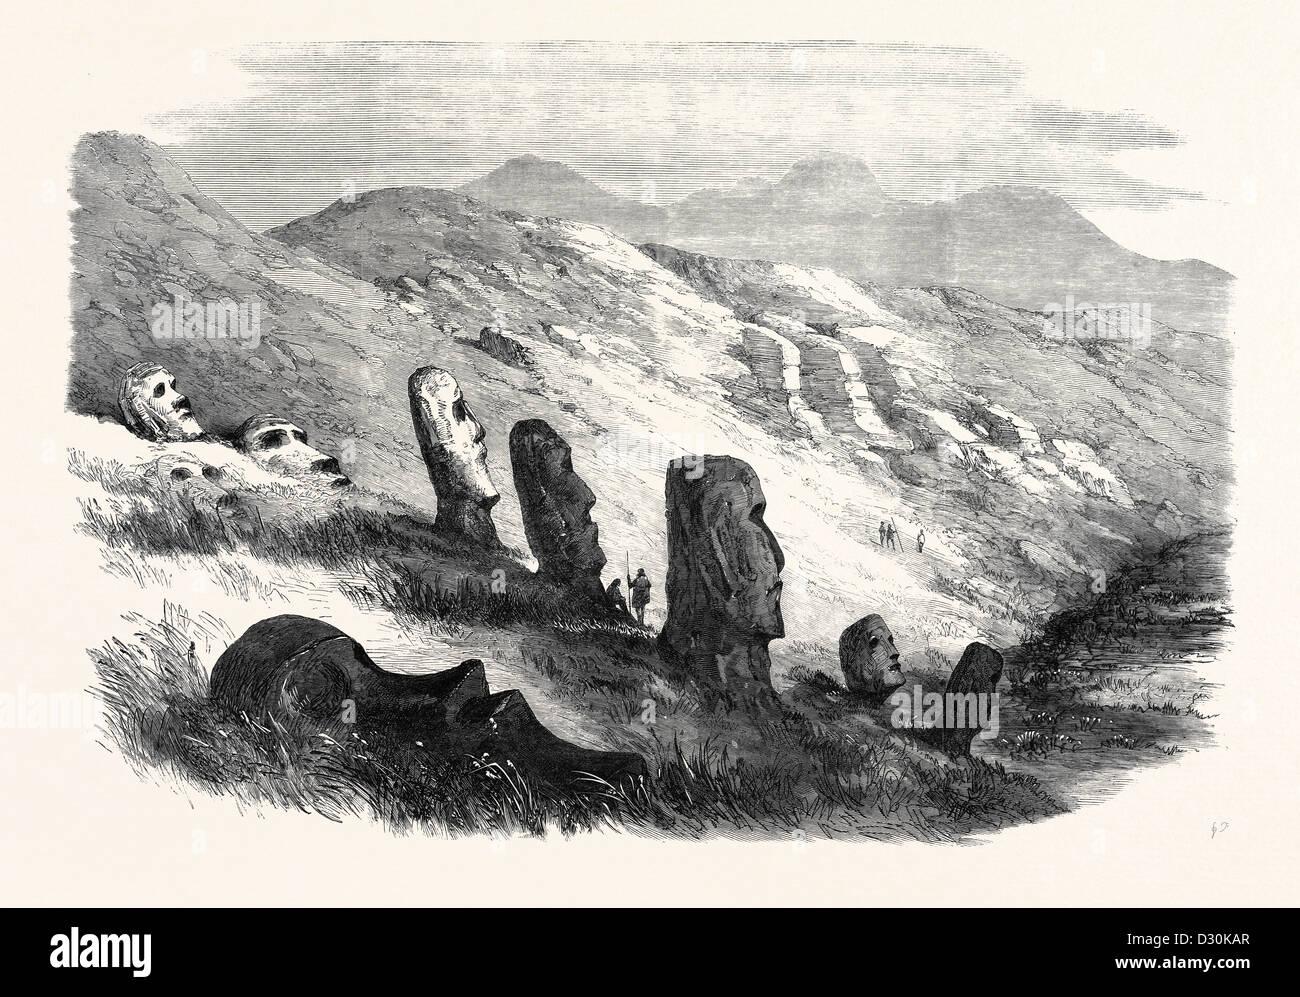 Groupe d'images à l'intérieur du cratère de l'île de Pâques 1869 OTUITI Photo Stock